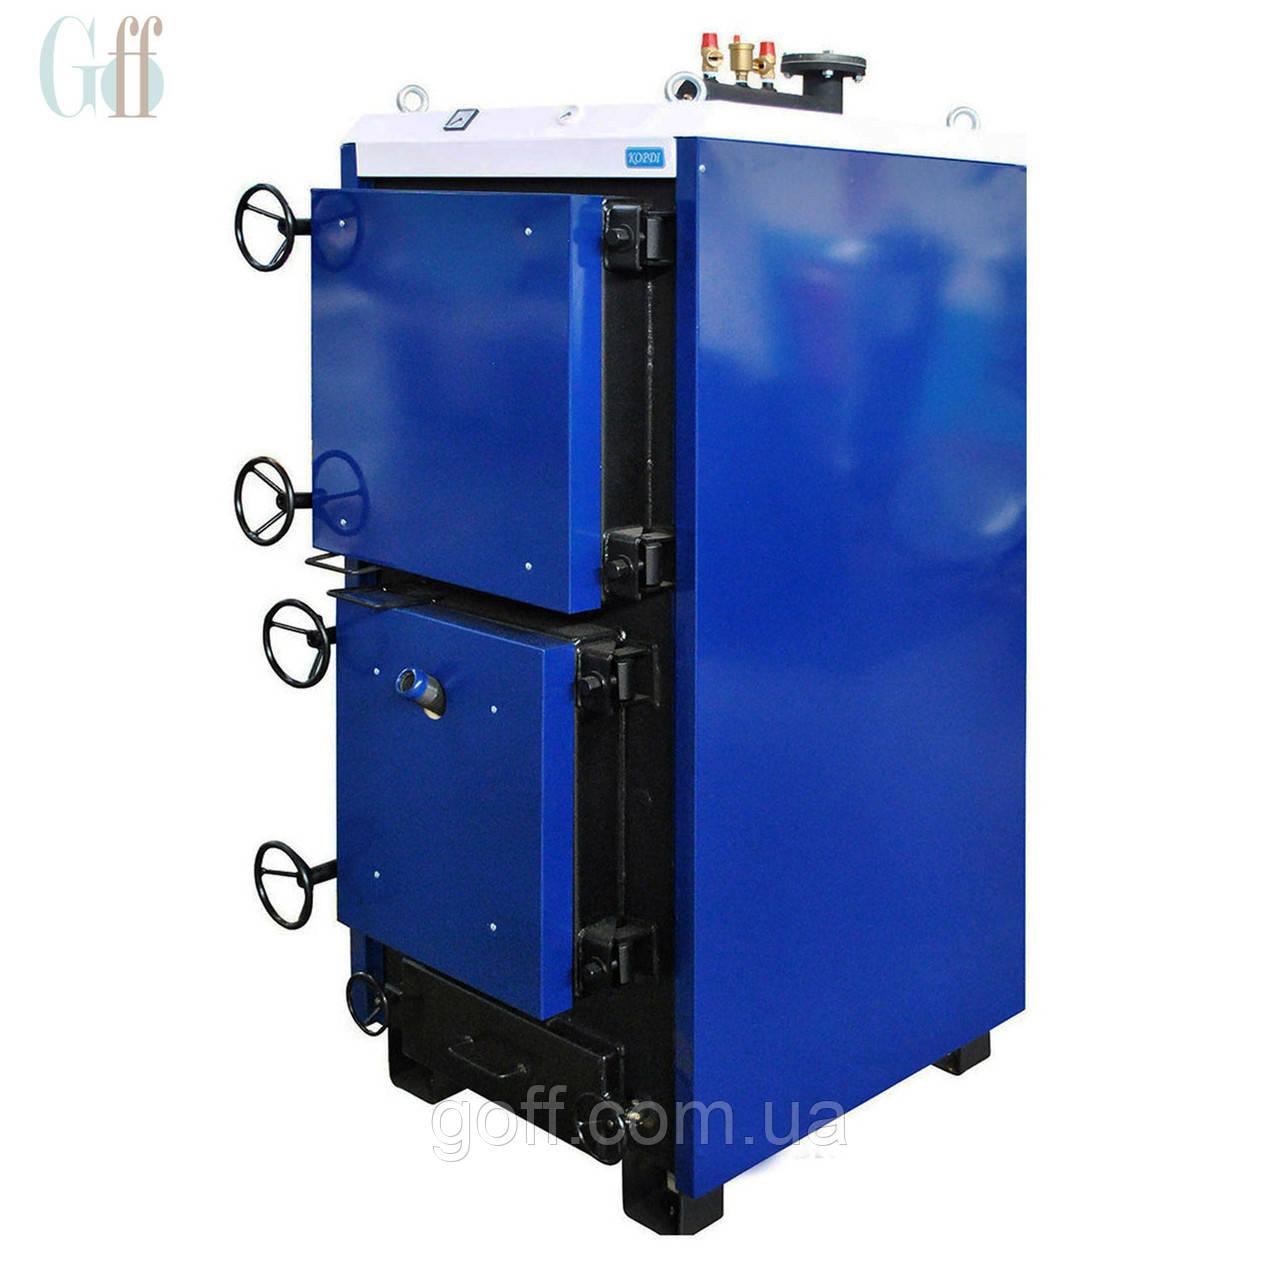 Промышленный твердотопливный котел 100 кВт